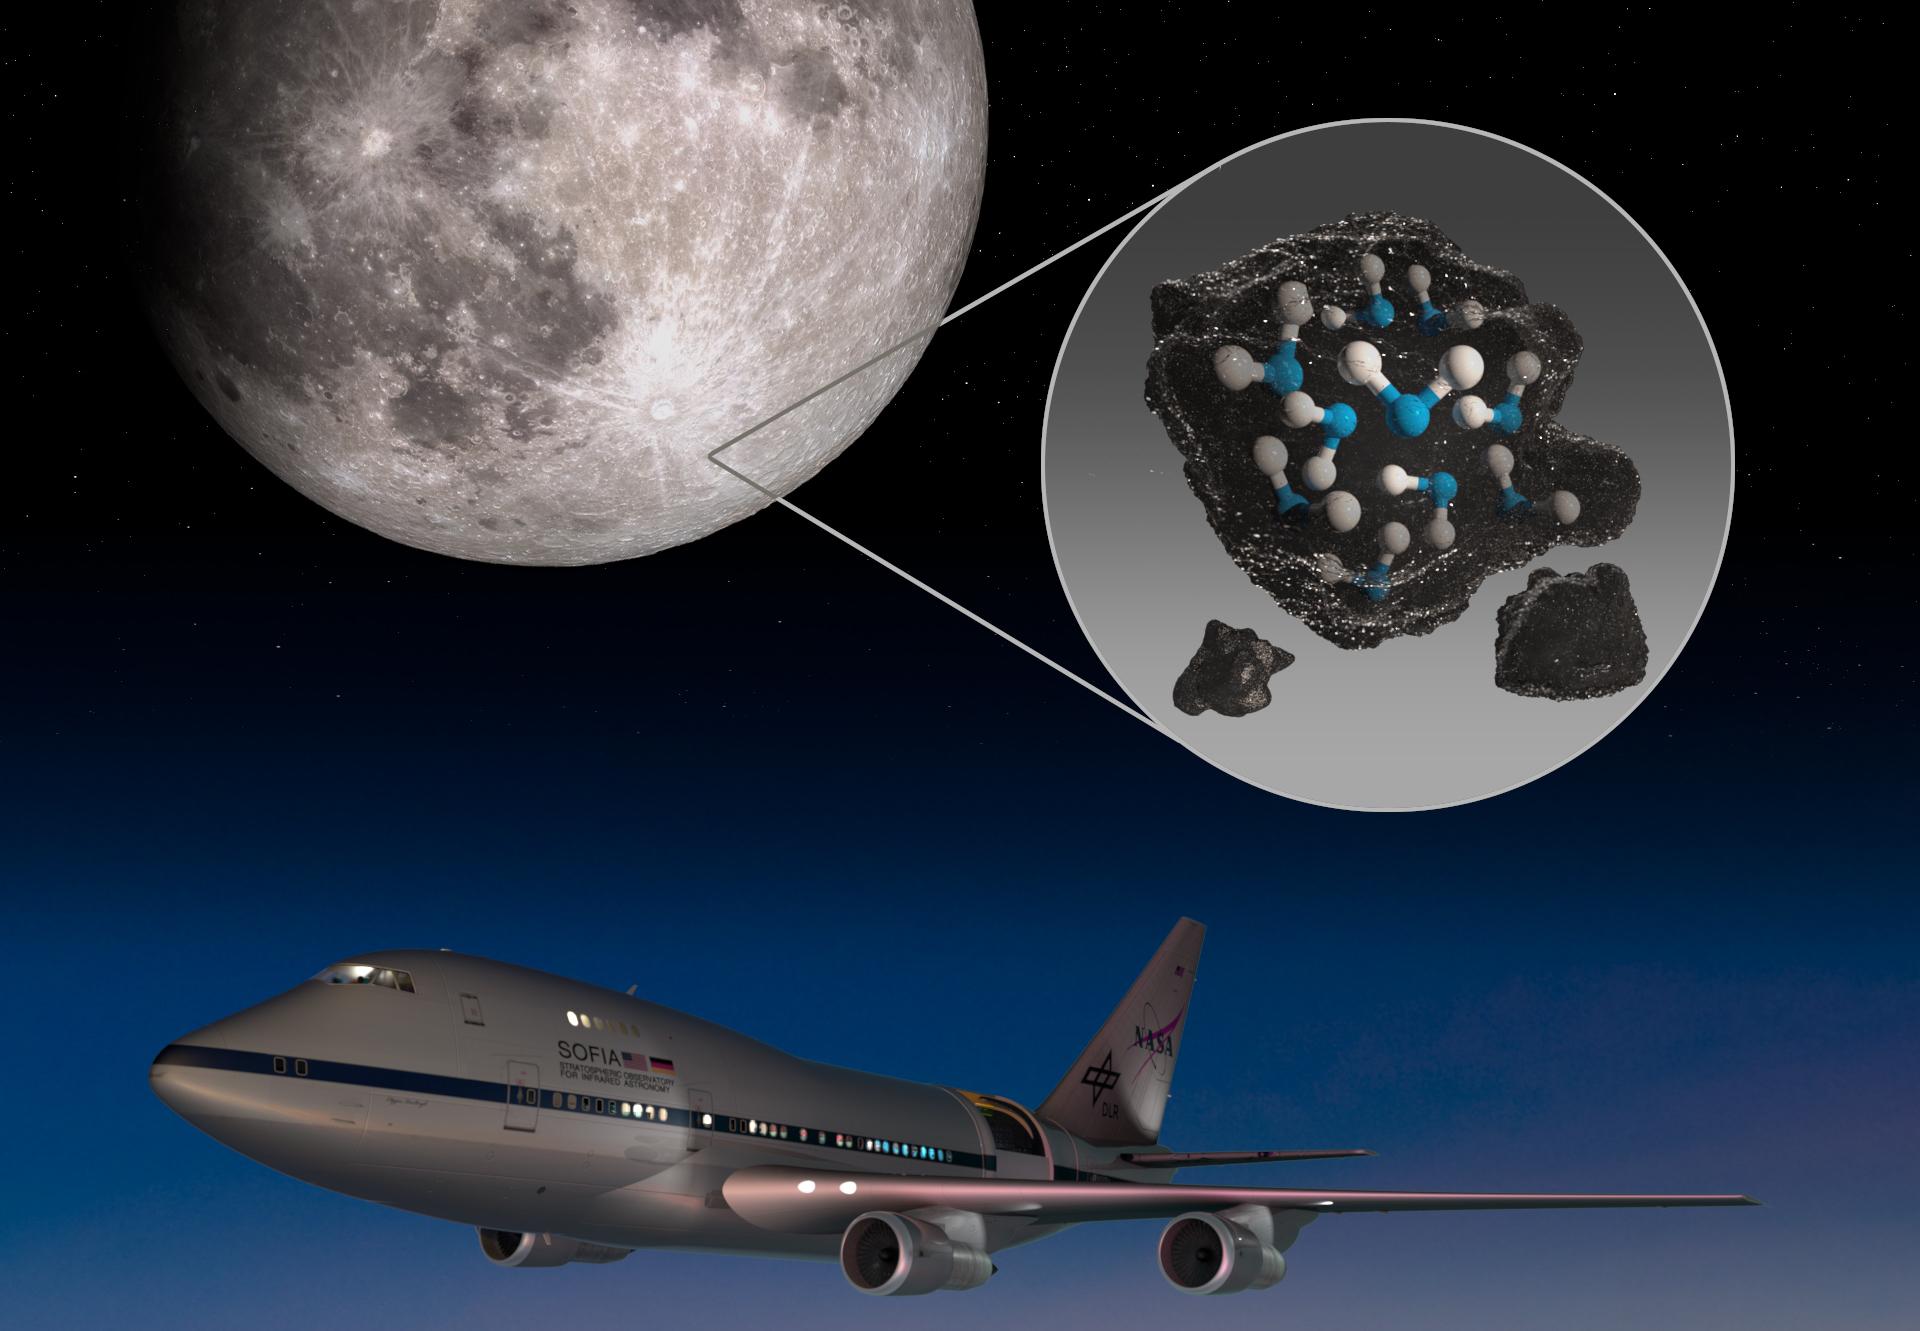 ASI - C'è acqua sul lato visibile Luna